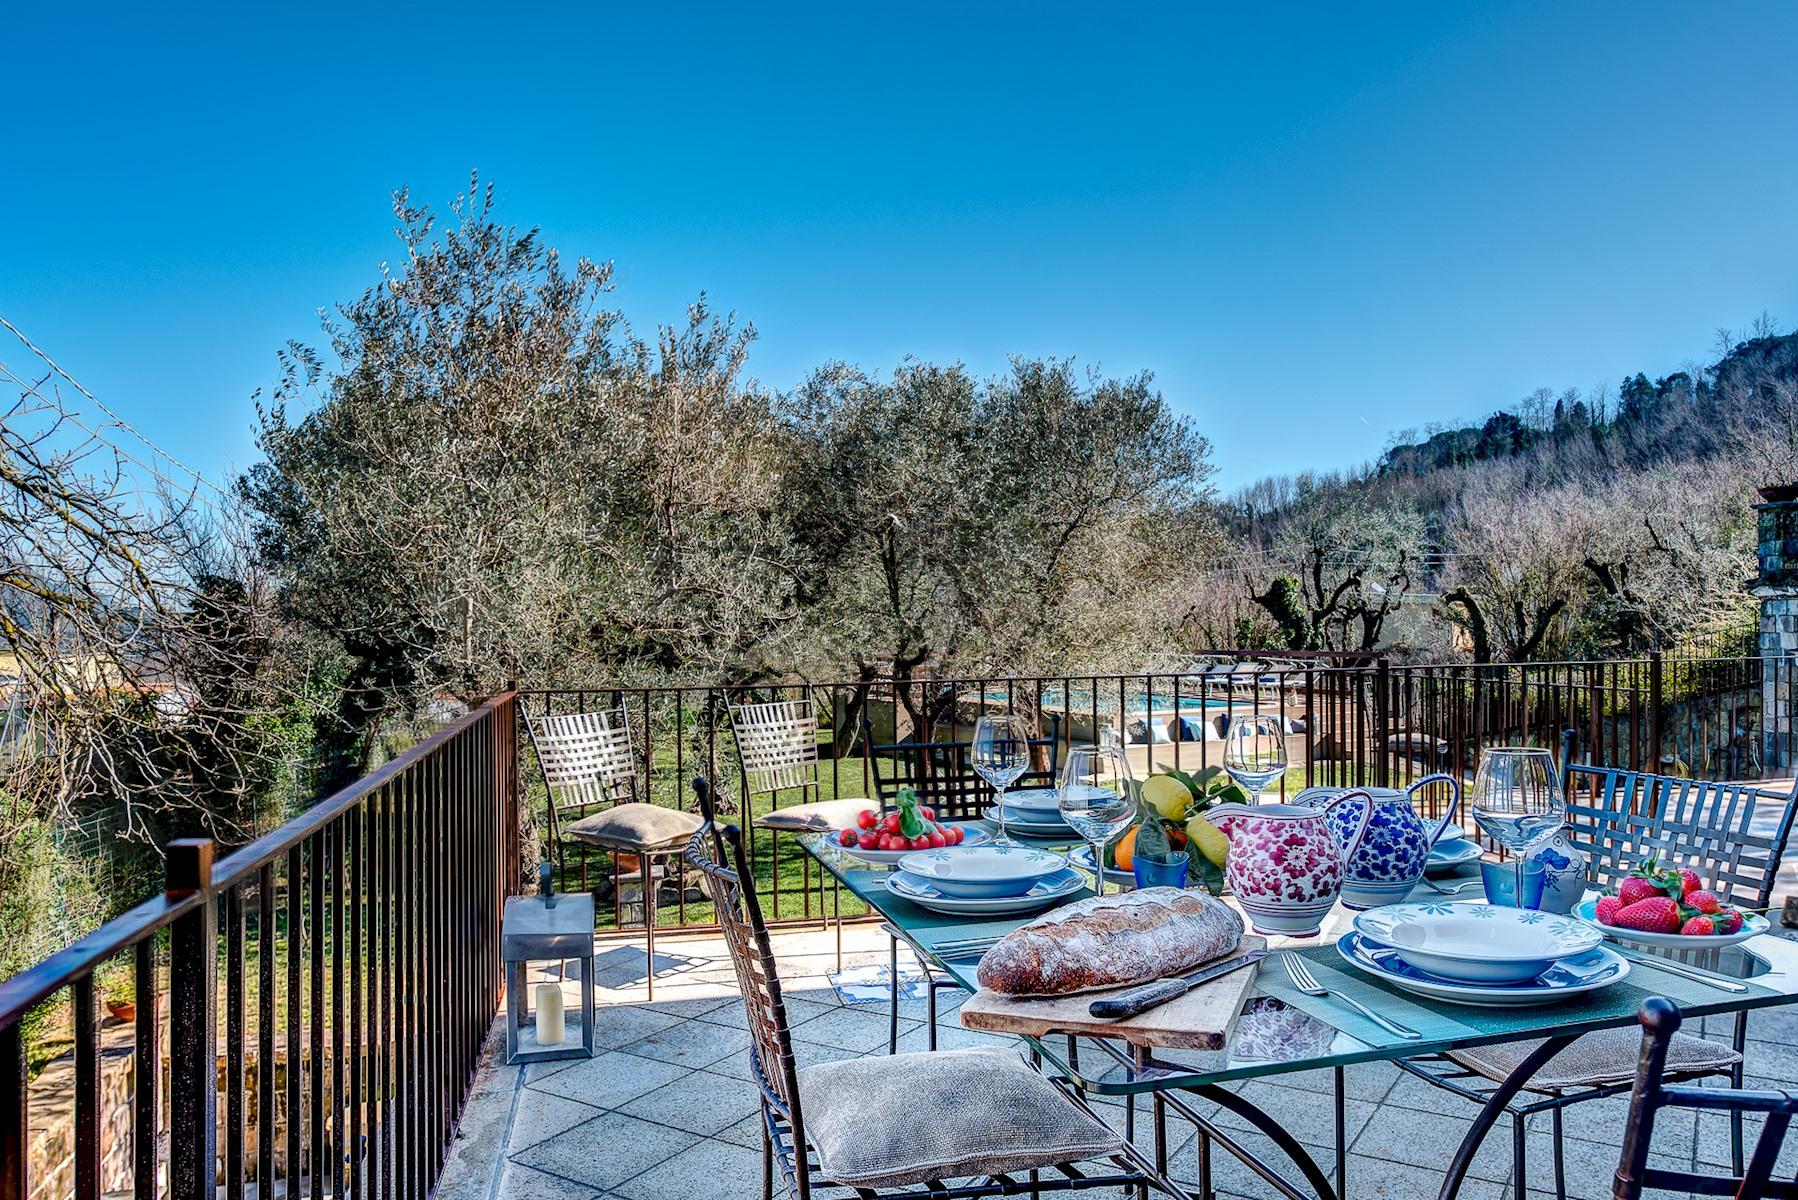 Apartment Villa Vesuvio - Luxury and Beauty photo 25033421